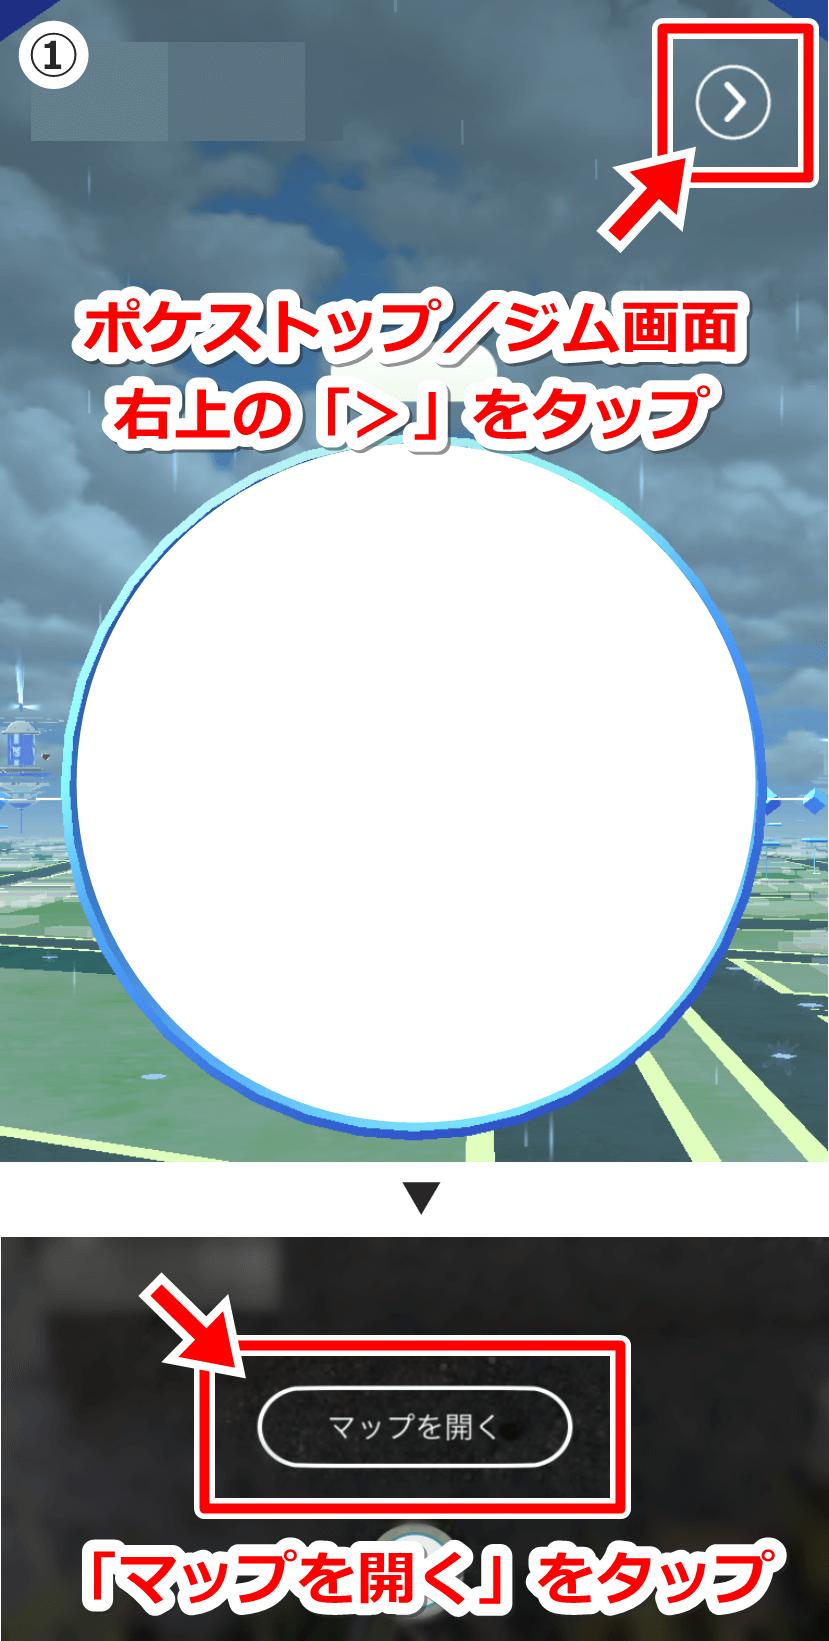 ポケモン go フレンド レベル